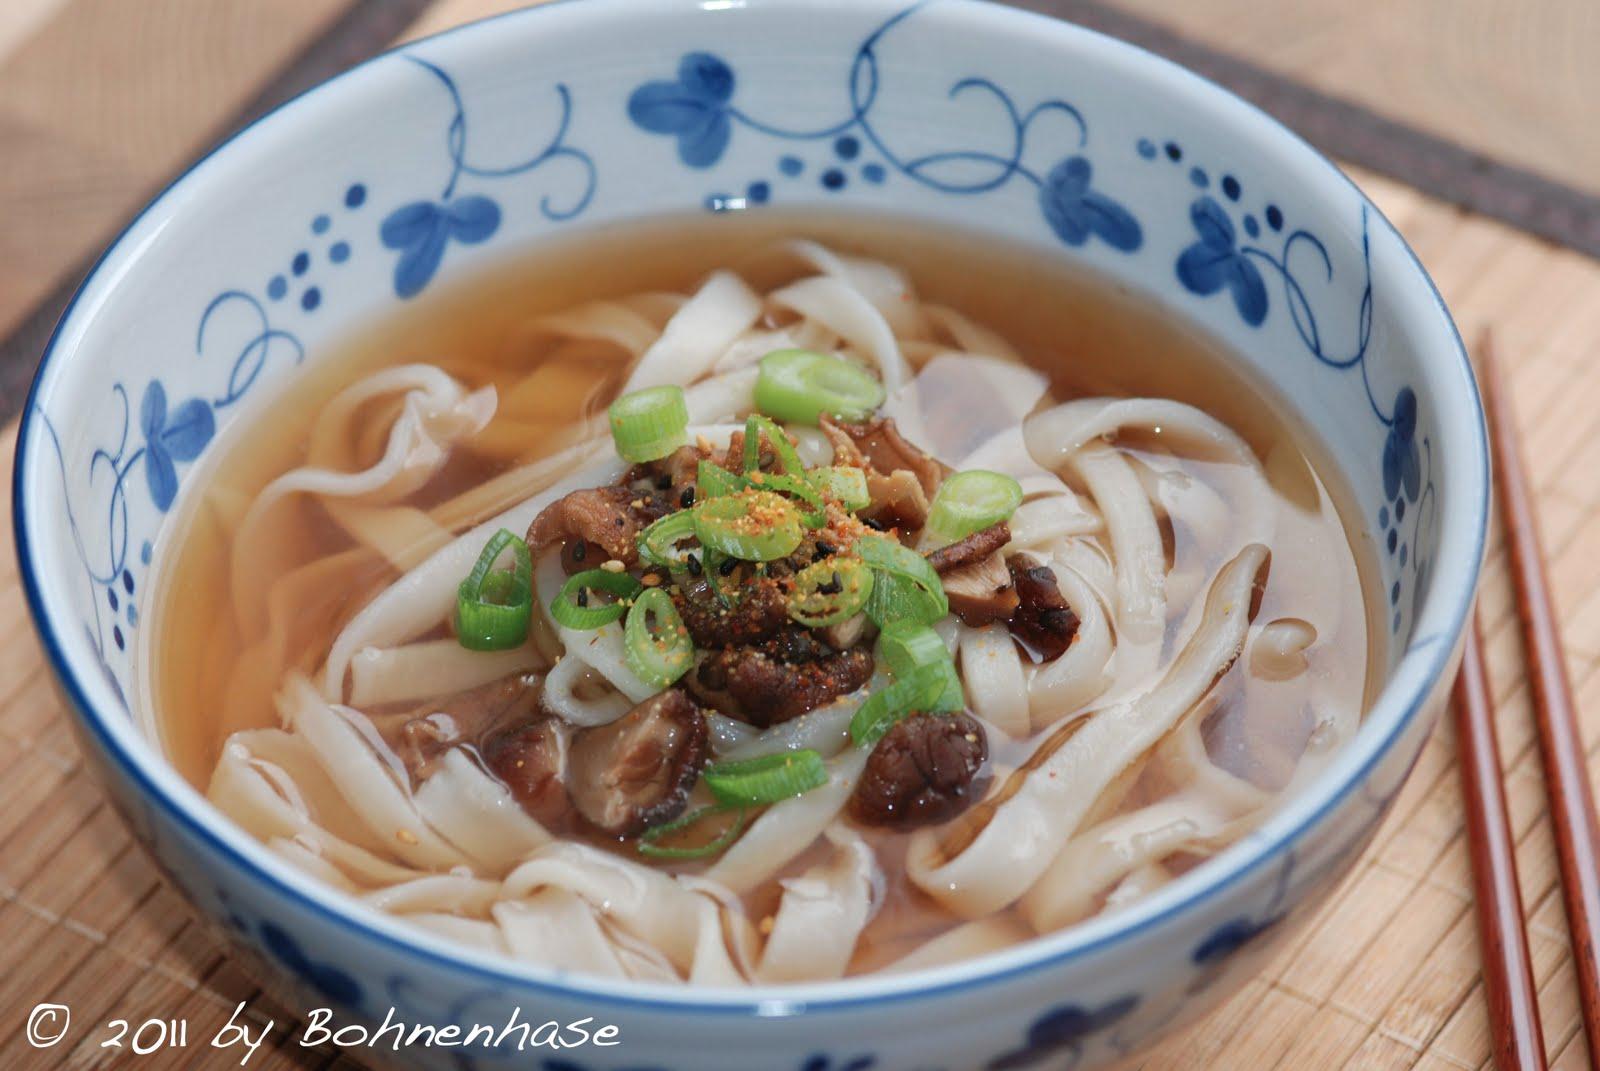 Japanese Noodles Fast Food